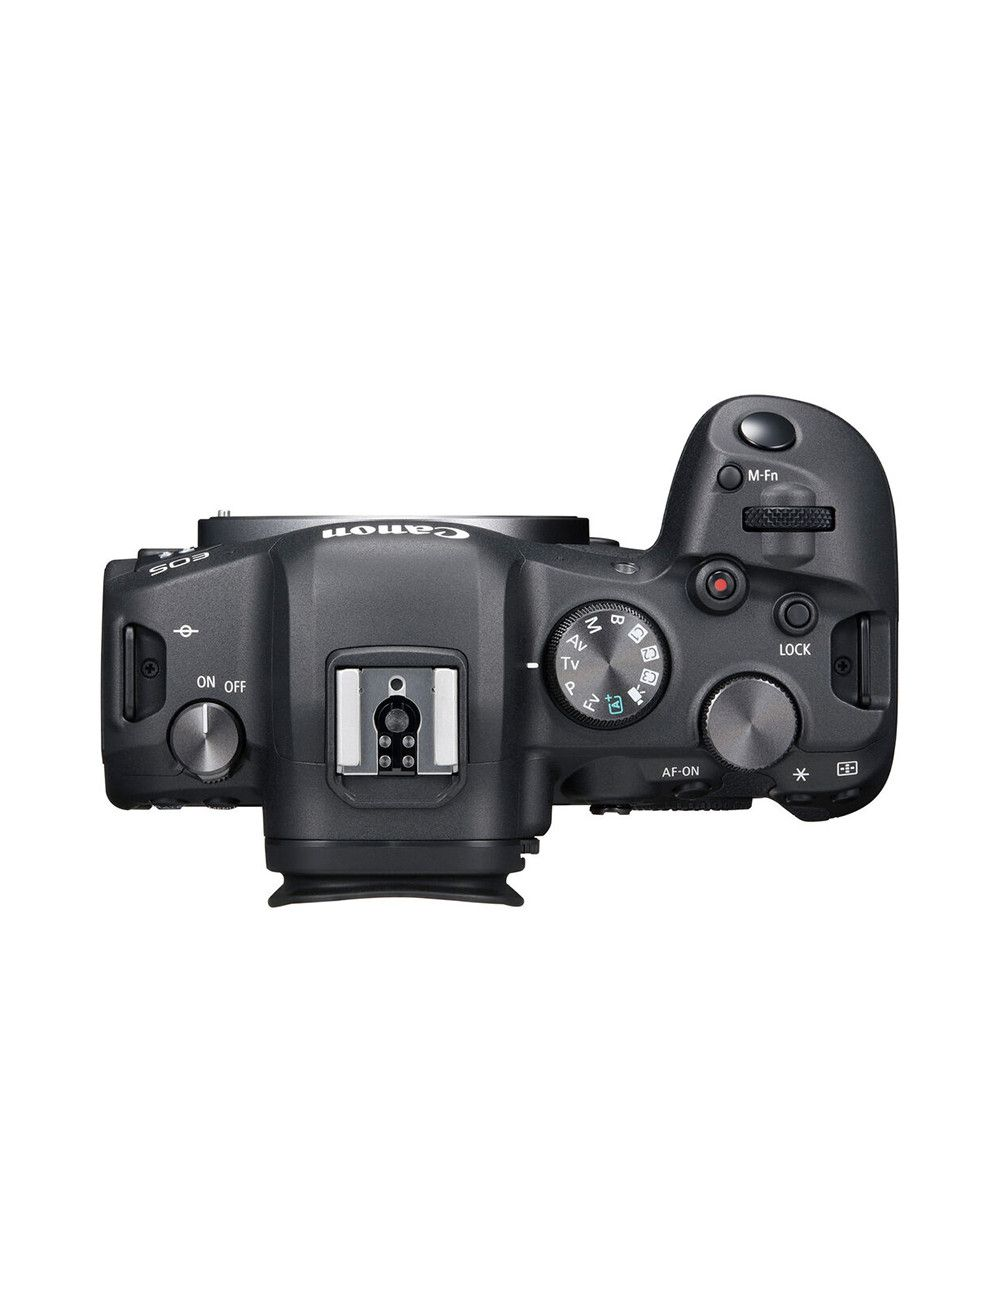 Correa para cámara Quick Strap que permite montar cámara en trípode